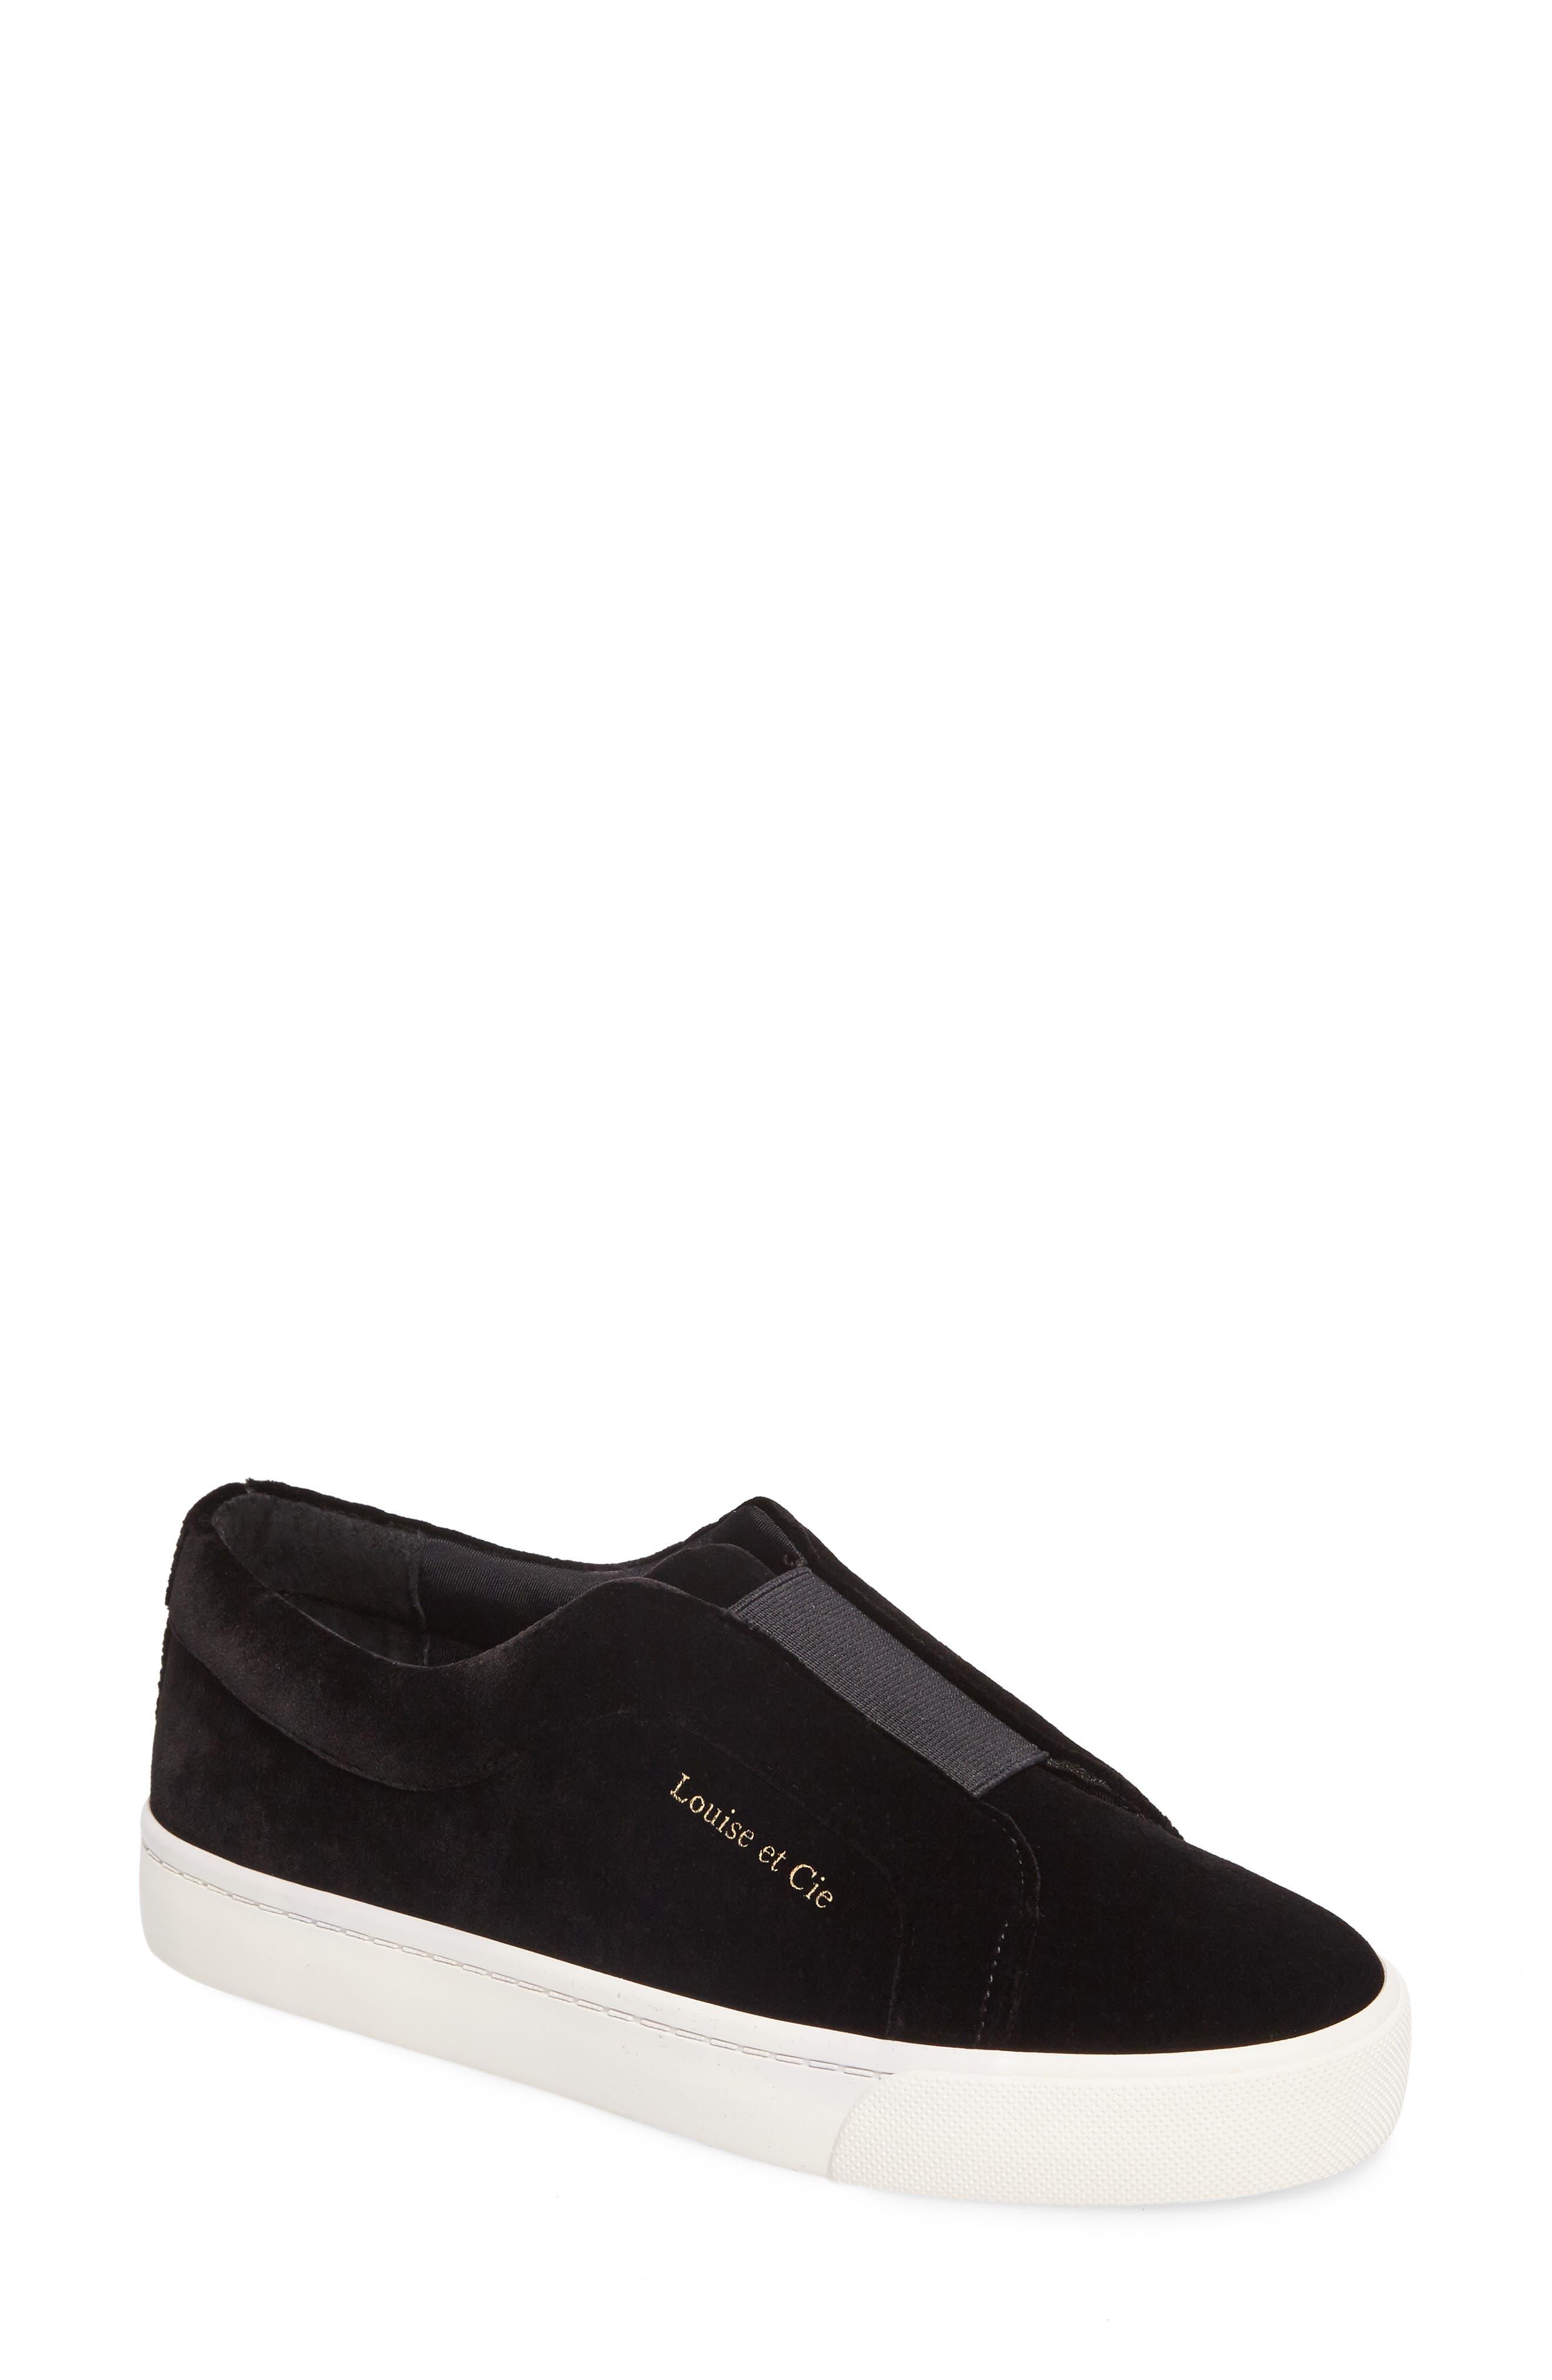 Bette Slip-On Sneaker,                         Main,                         color, 001